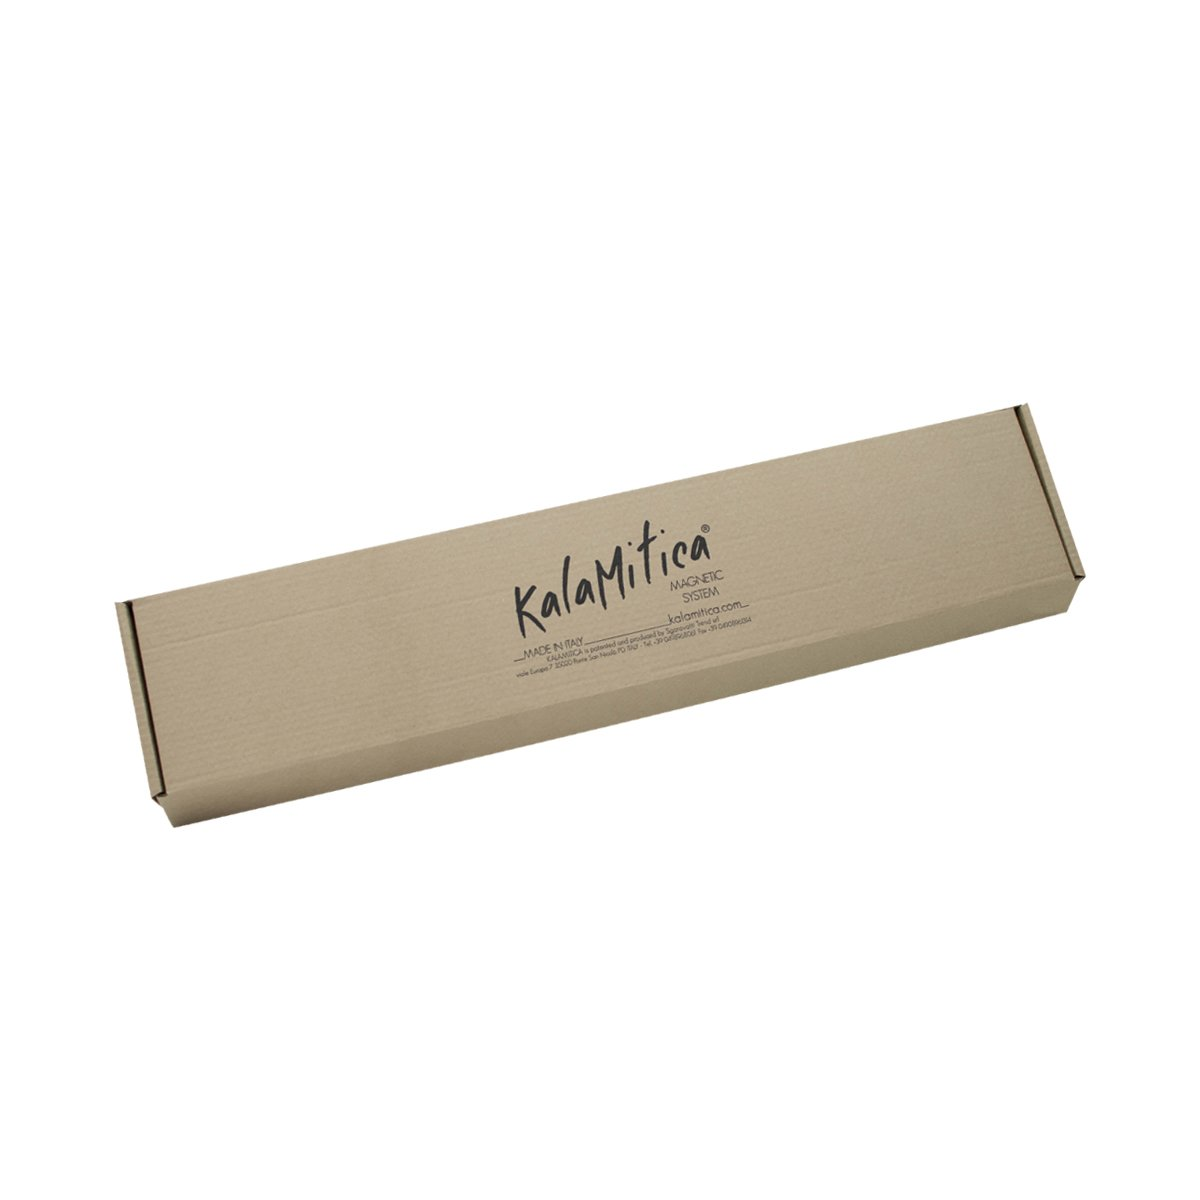 Placa para de metal de almacenamiento para Placa ollas magnética como decoración o pared antracita, se puede escribir, KalaMitica 25014 – 102 – 000 71b197